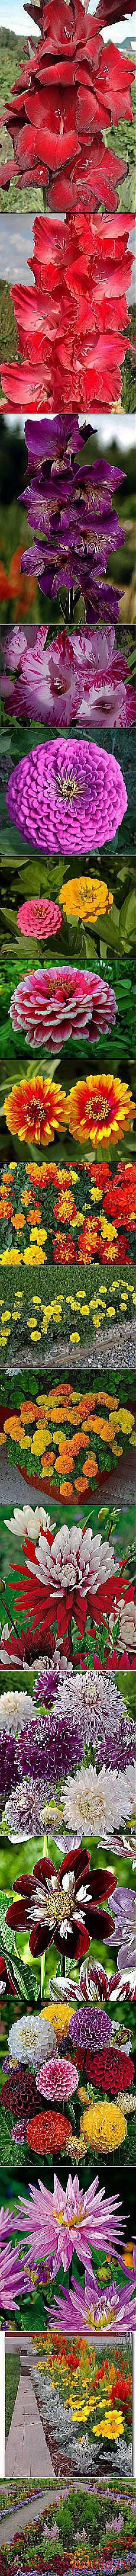 Зоя Винниченко: Цветы садовые | Постила